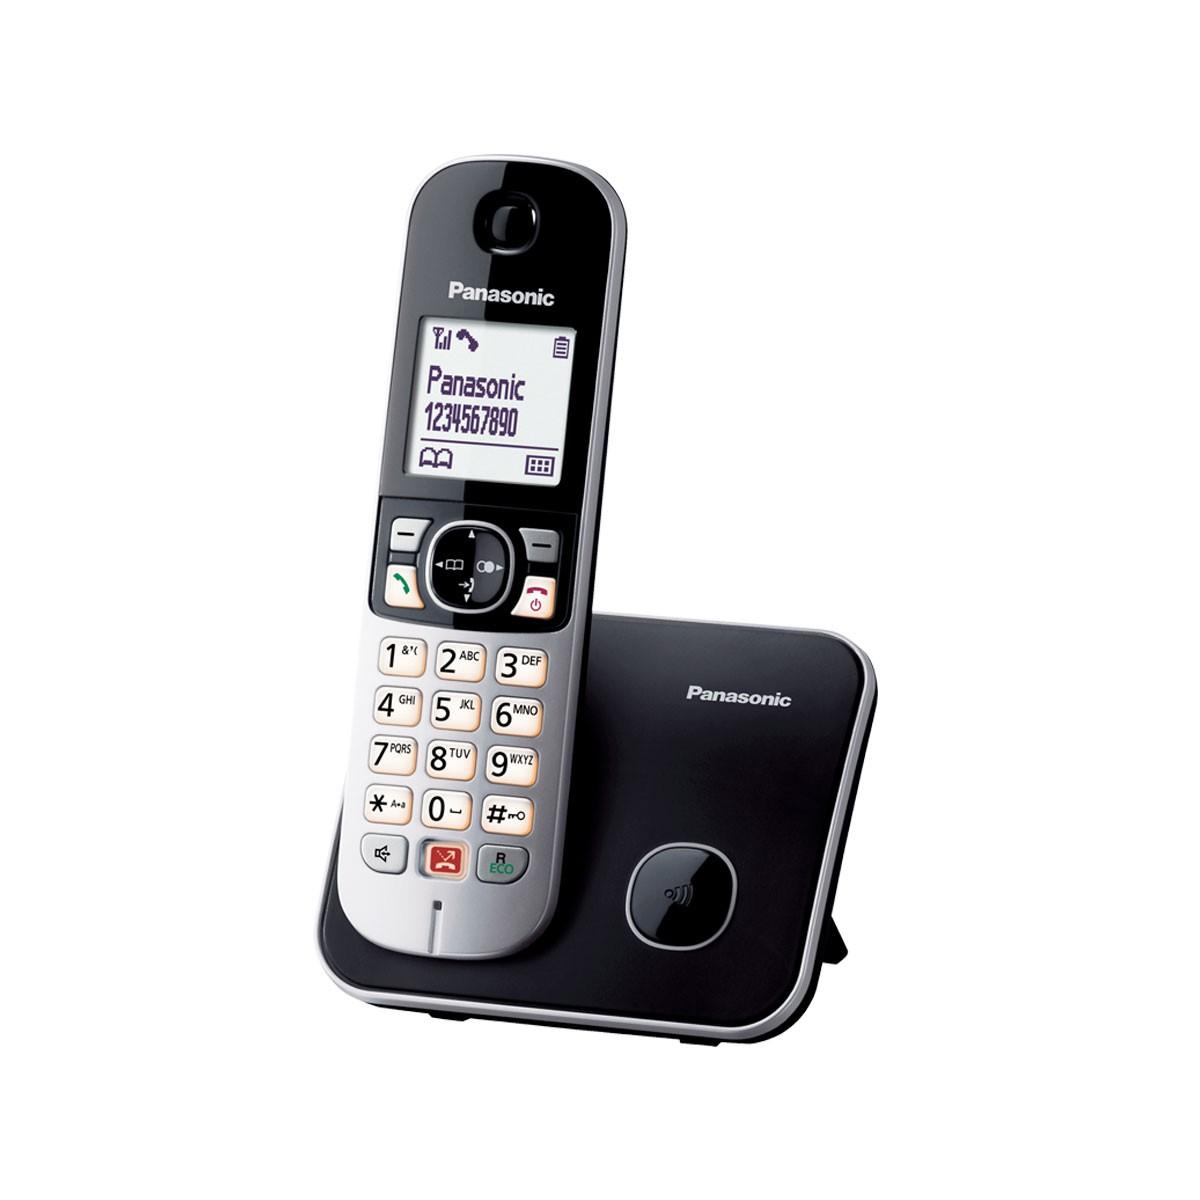 Ασύρματο Ψηφιακό Τηλέφωνο Panasonic KX-TG6851GRB  με Μεγάλη Οθόνη και Ανοιχτή Ακρόαση Μαύρο